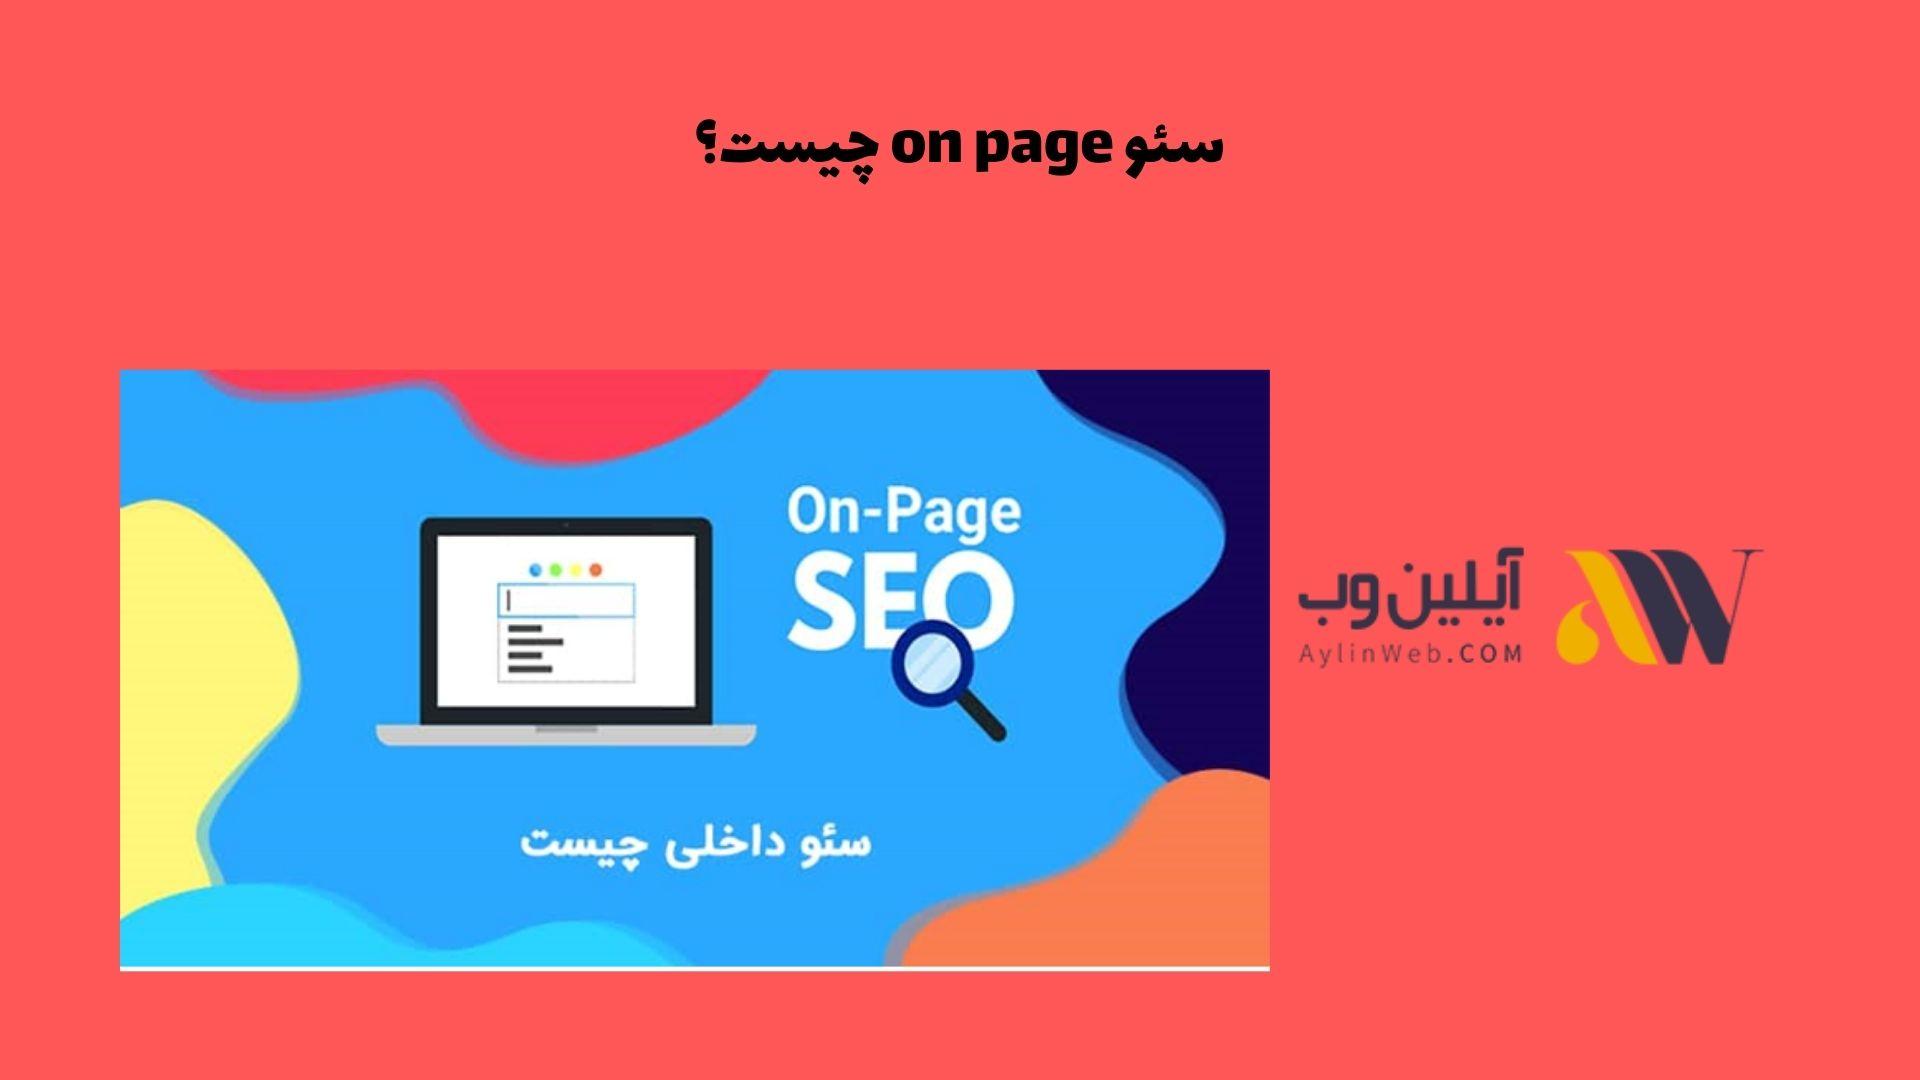 سئو on page چیست؟